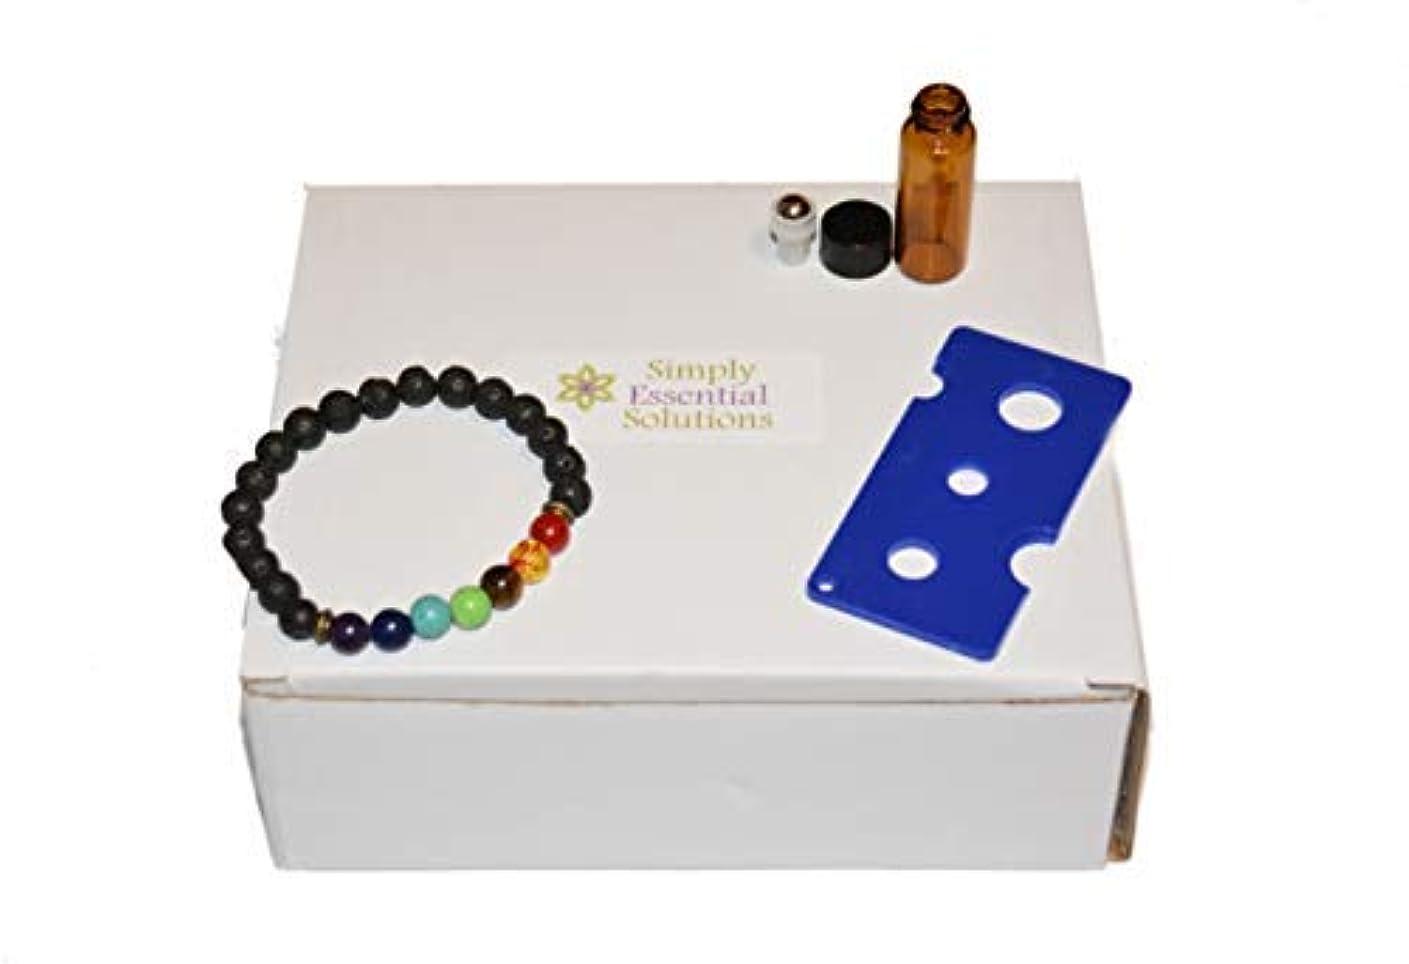 競争版アンプ24pcs 5mL Roller (1.35 dram) Amber Glass Stainless Steel Roller Bottle 5cc Vial Small Essential Oil Bottle Travel...